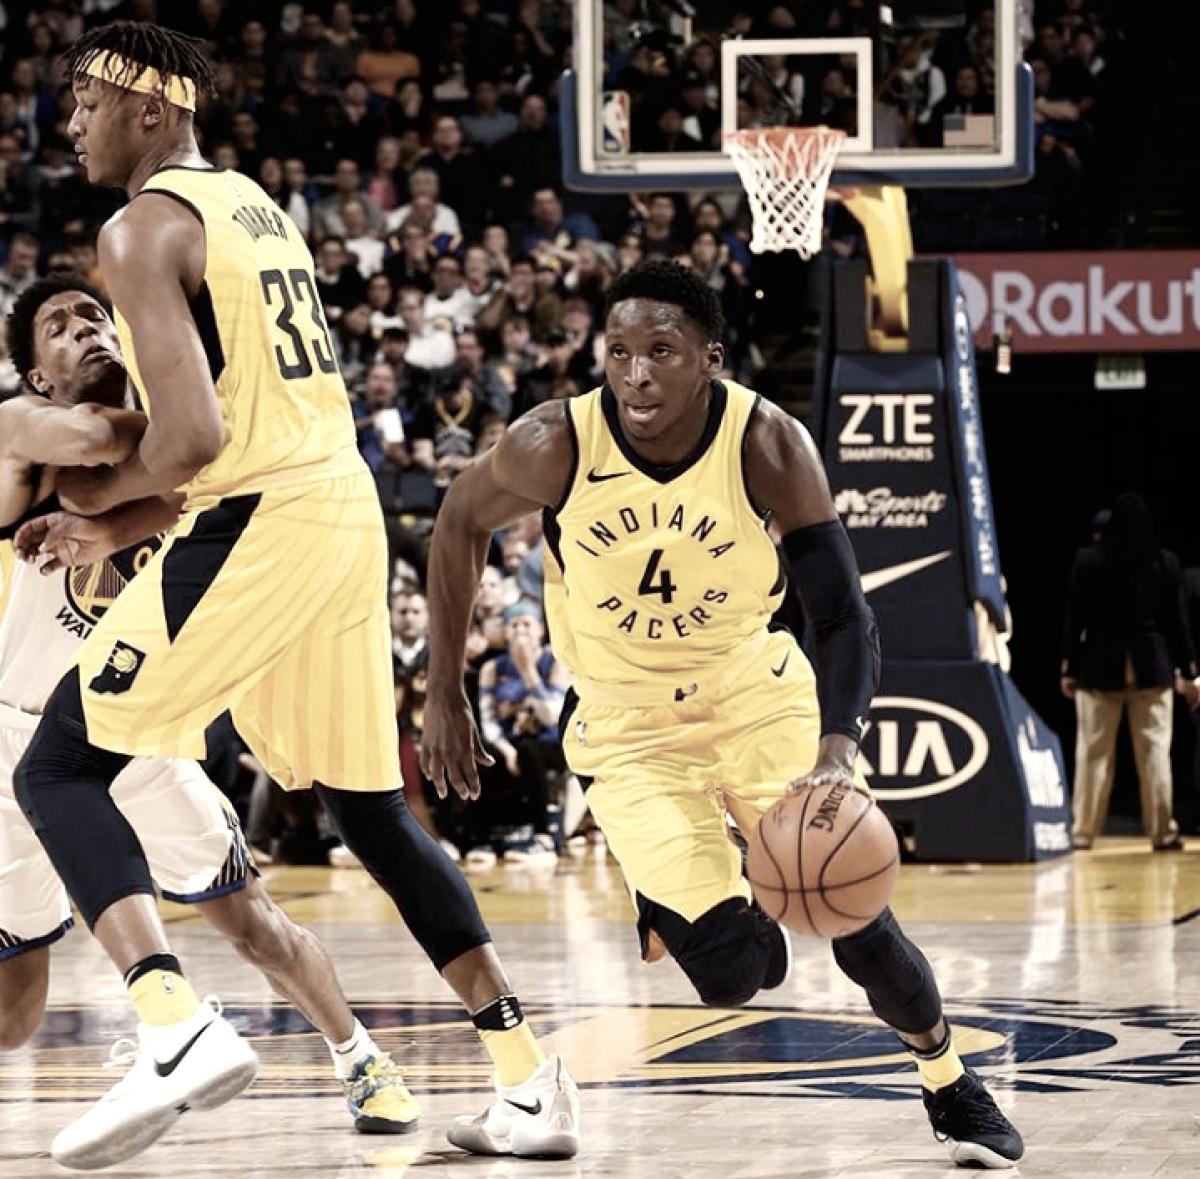 Aprovechoso triunfo de Pacers sobre un débil Warriors